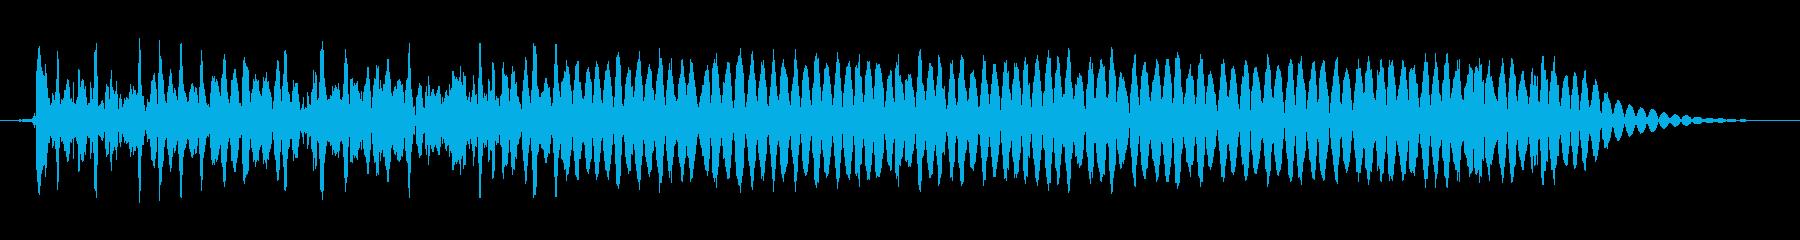 悪魔のような音声3の再生済みの波形